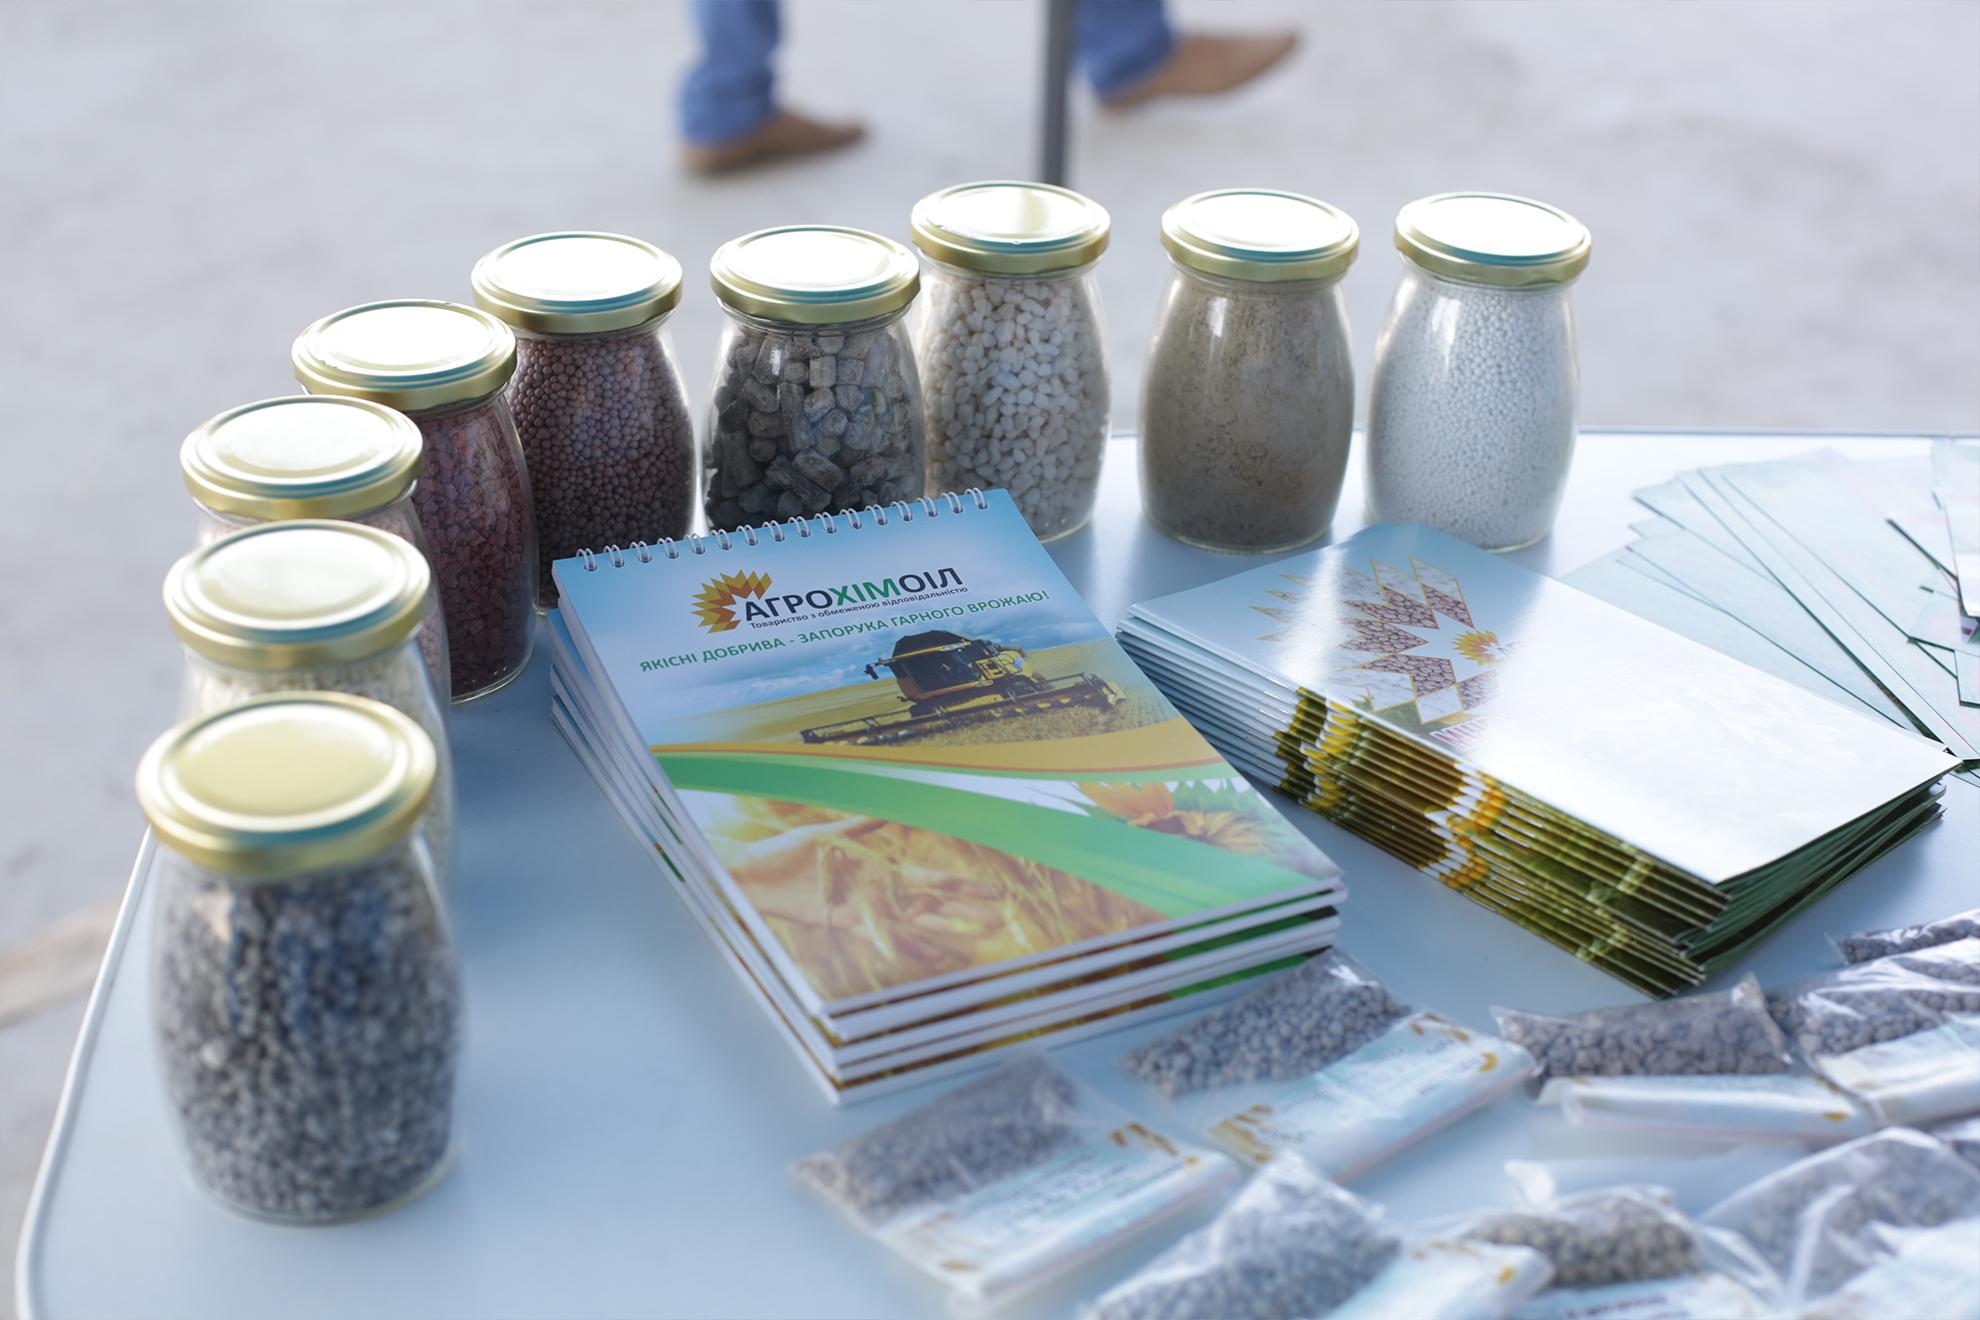 на фото азотні мінеральні добрива від компанії Агрохімоіл